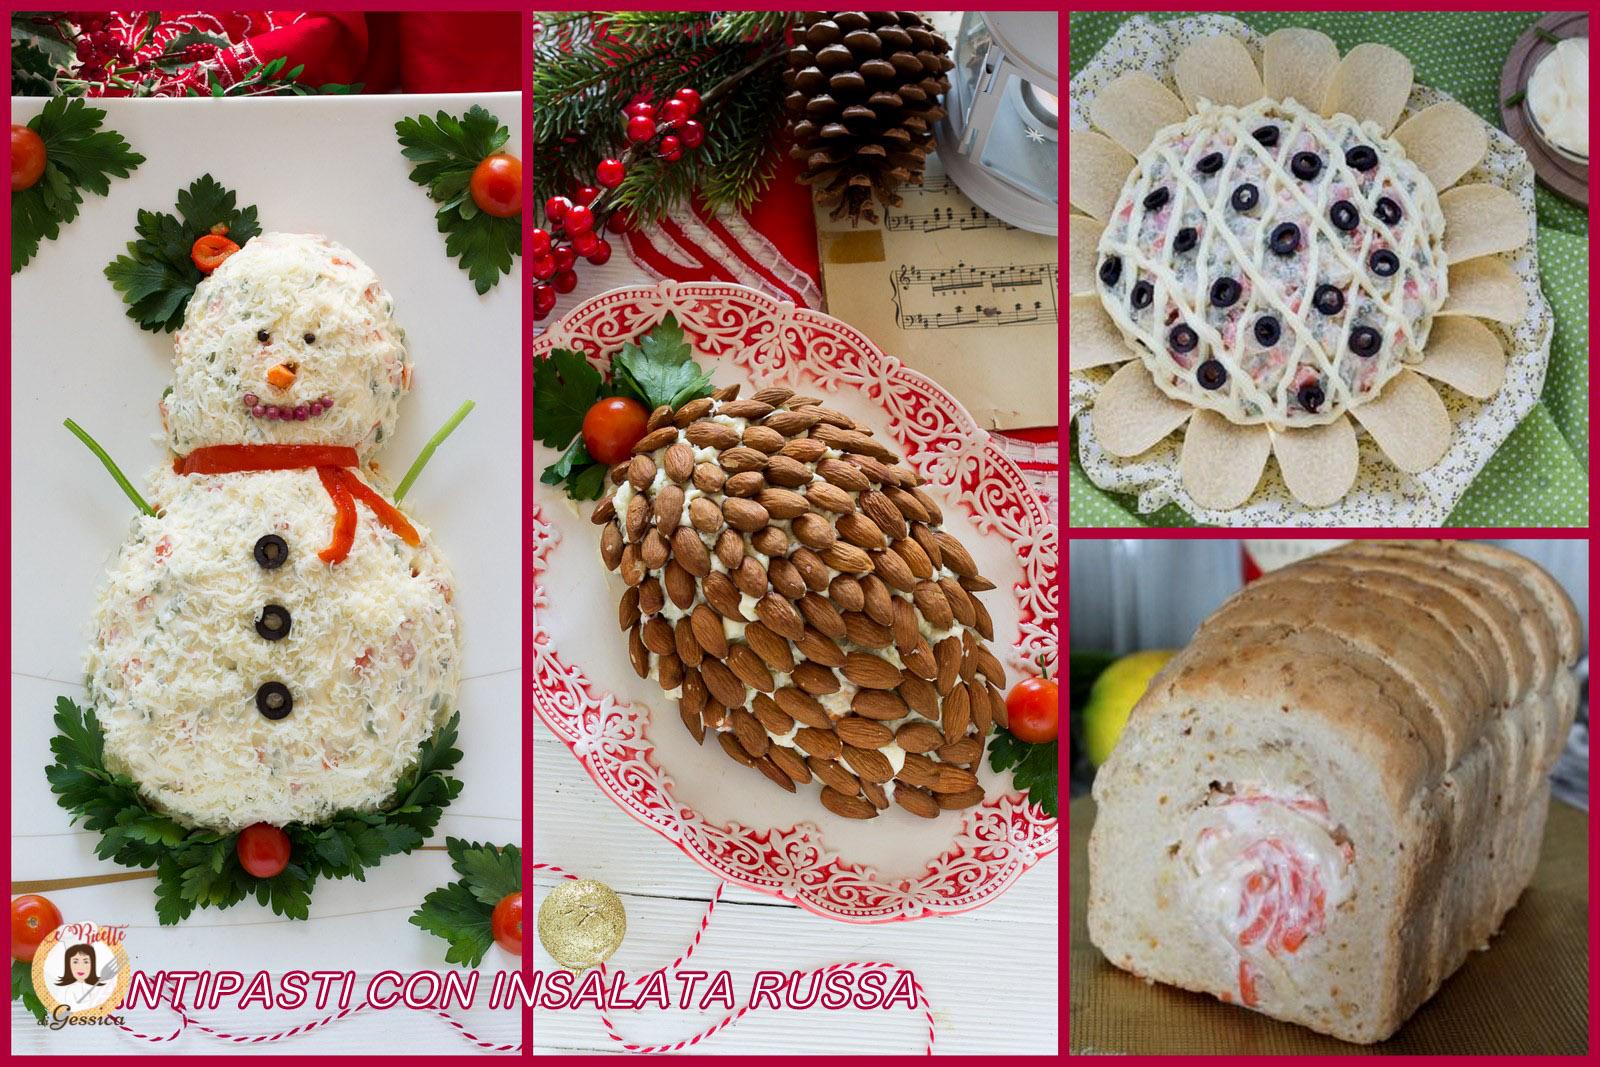 Antipasti Di Natale Insalata Russa.Antipasti Con Insalata Russa Ricette Contorno E Centrotavola Di Natale